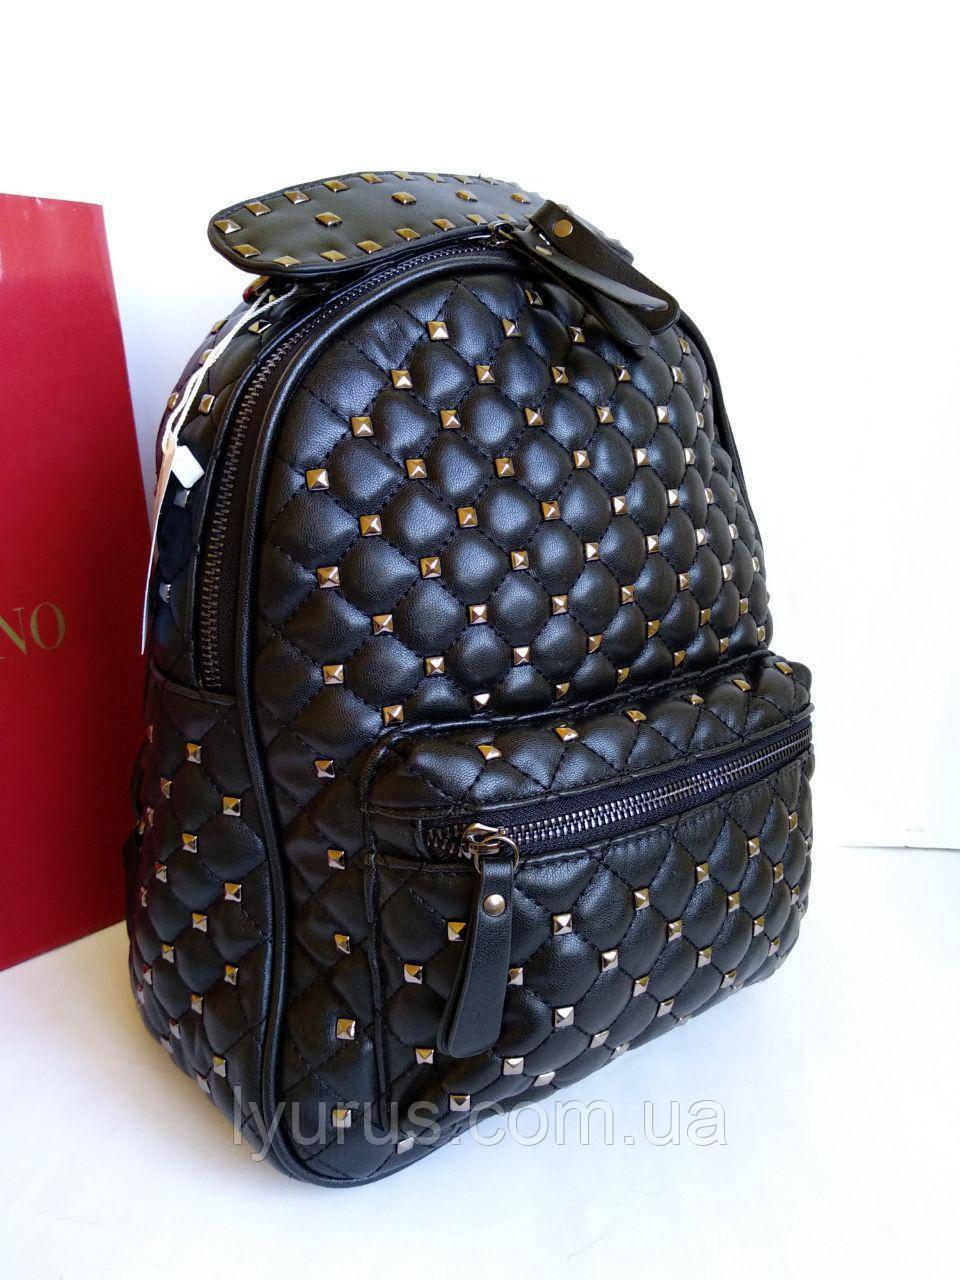 Женский рюкзак Valentino Garavani  повседневный черный